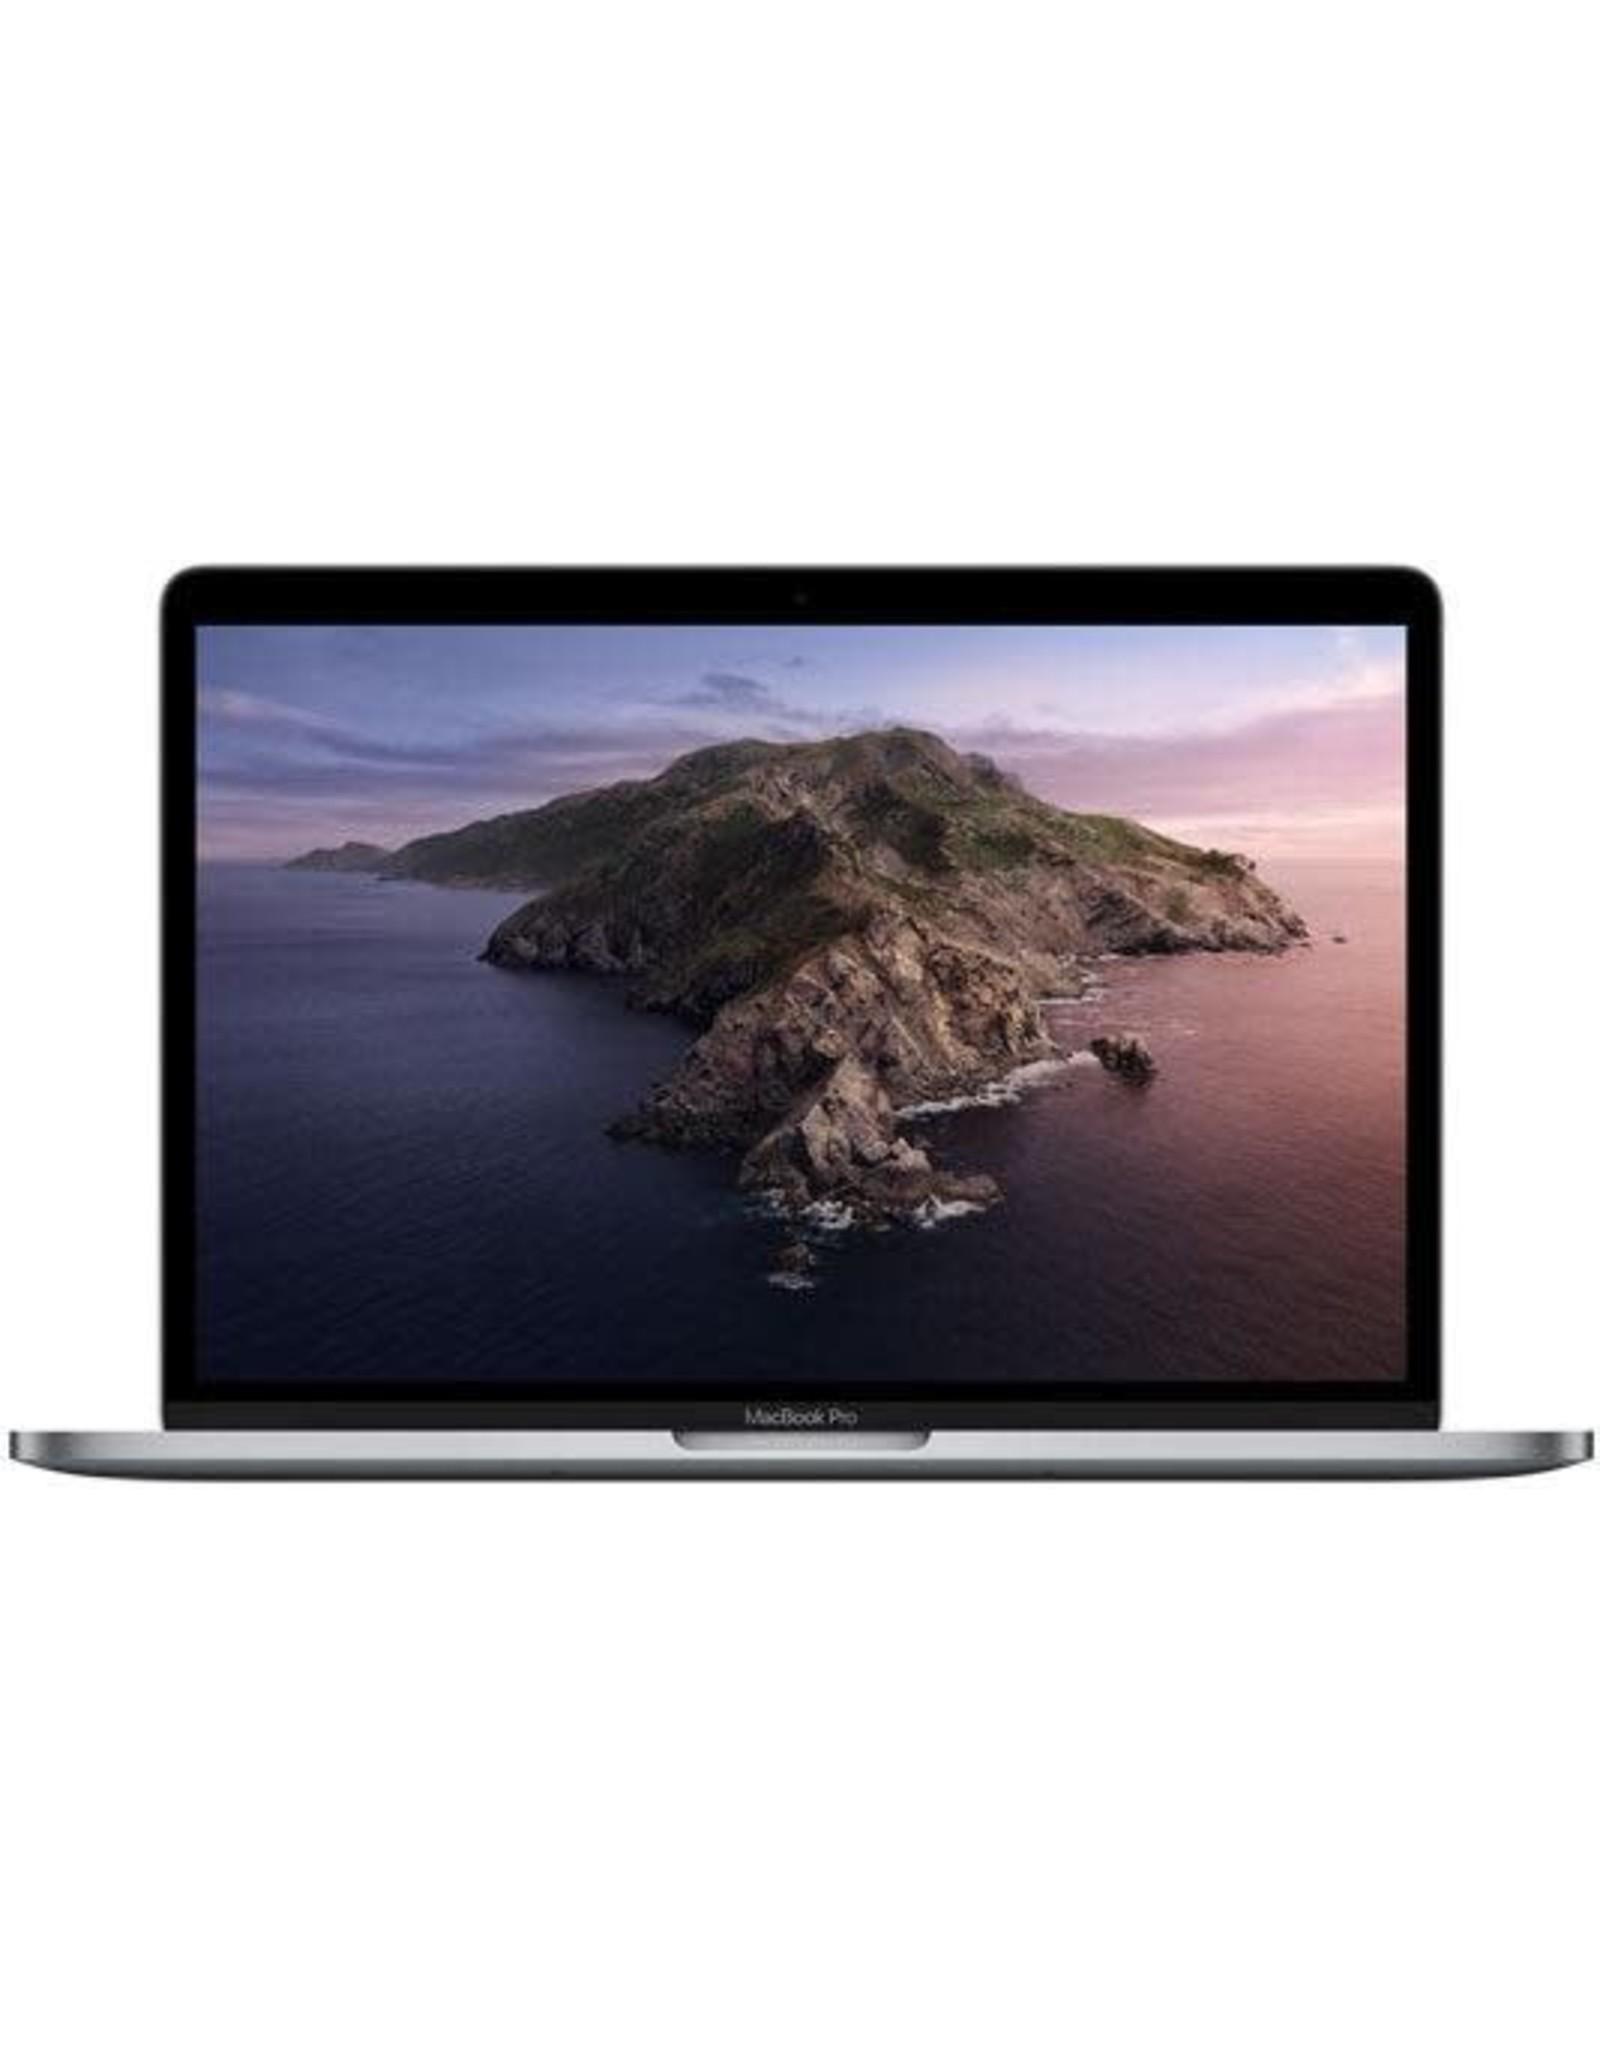 Apple Superseded - Apple 13-inch MacBook Pro 256GB 1.4GHz quad-core i5 2TBP 8GB RAM  Intel Iris Plus Graphics 645